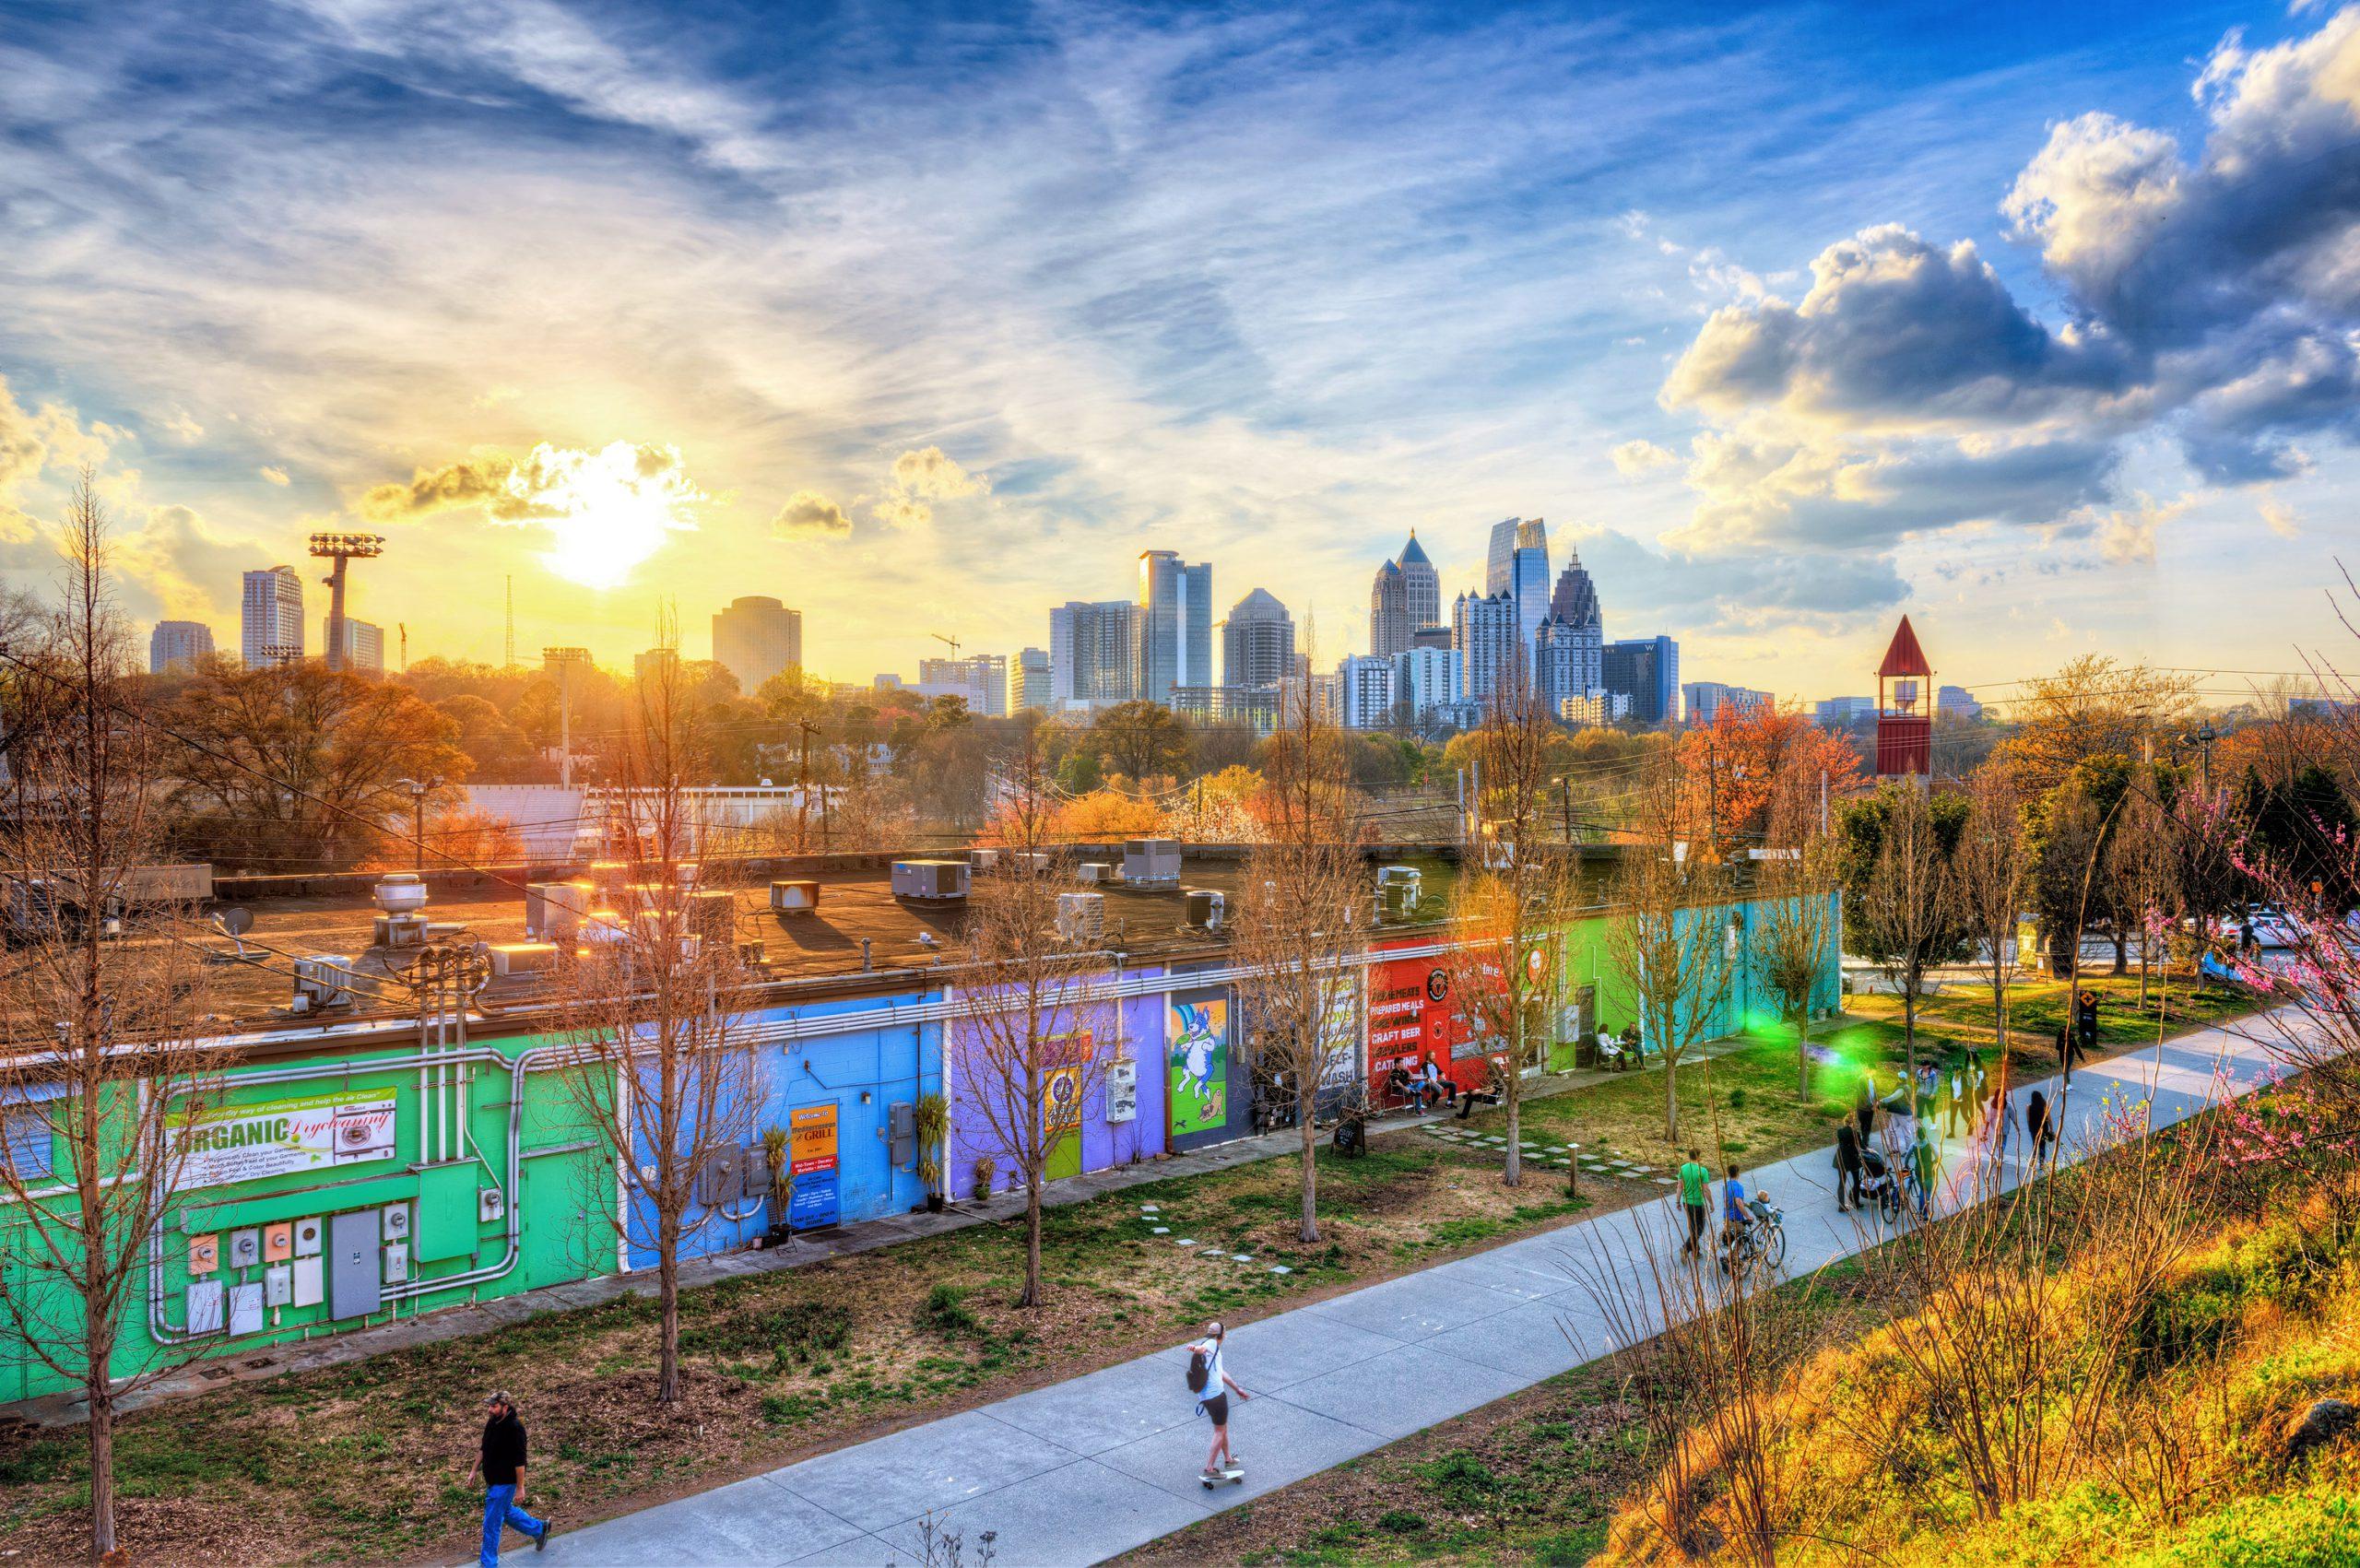 Art on Atlanta's Beltline